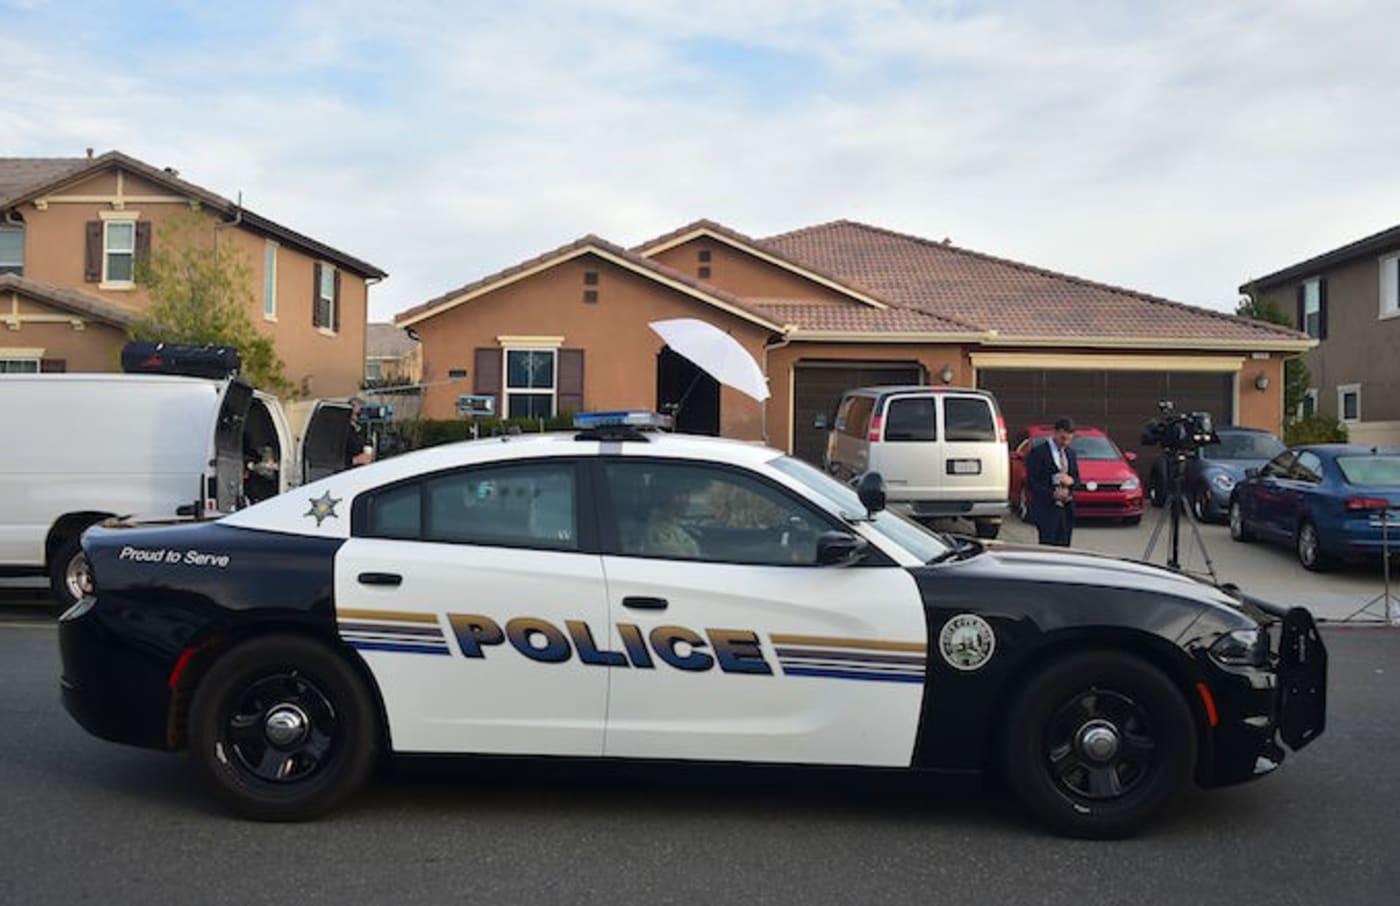 A police car.